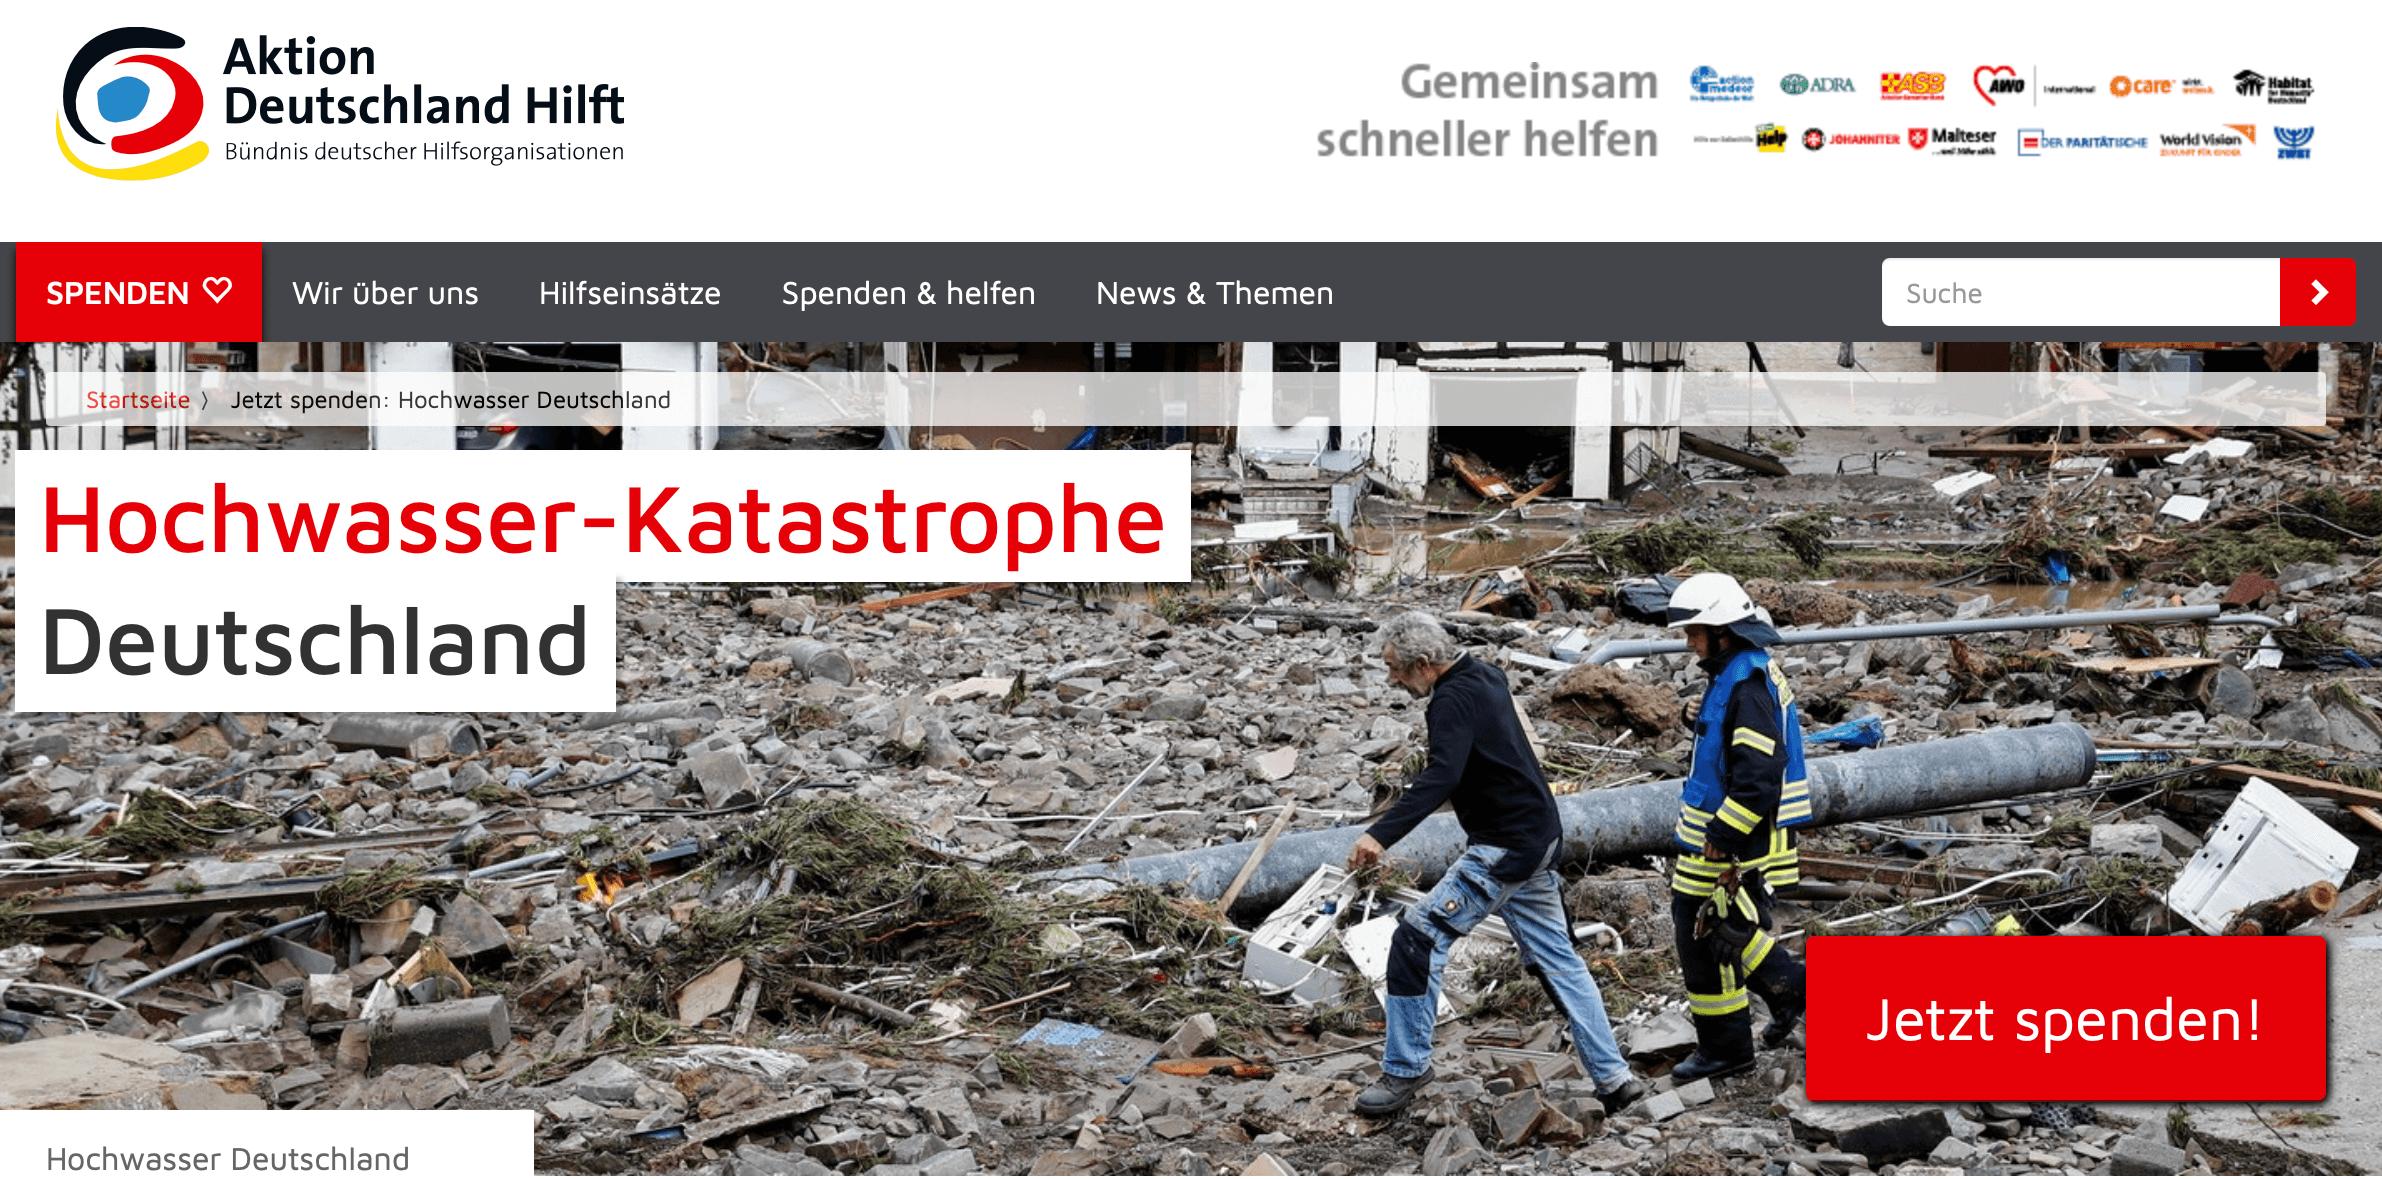 Aktion Deutschland Hilft: Hochwasser-Katastrophe Deutschland